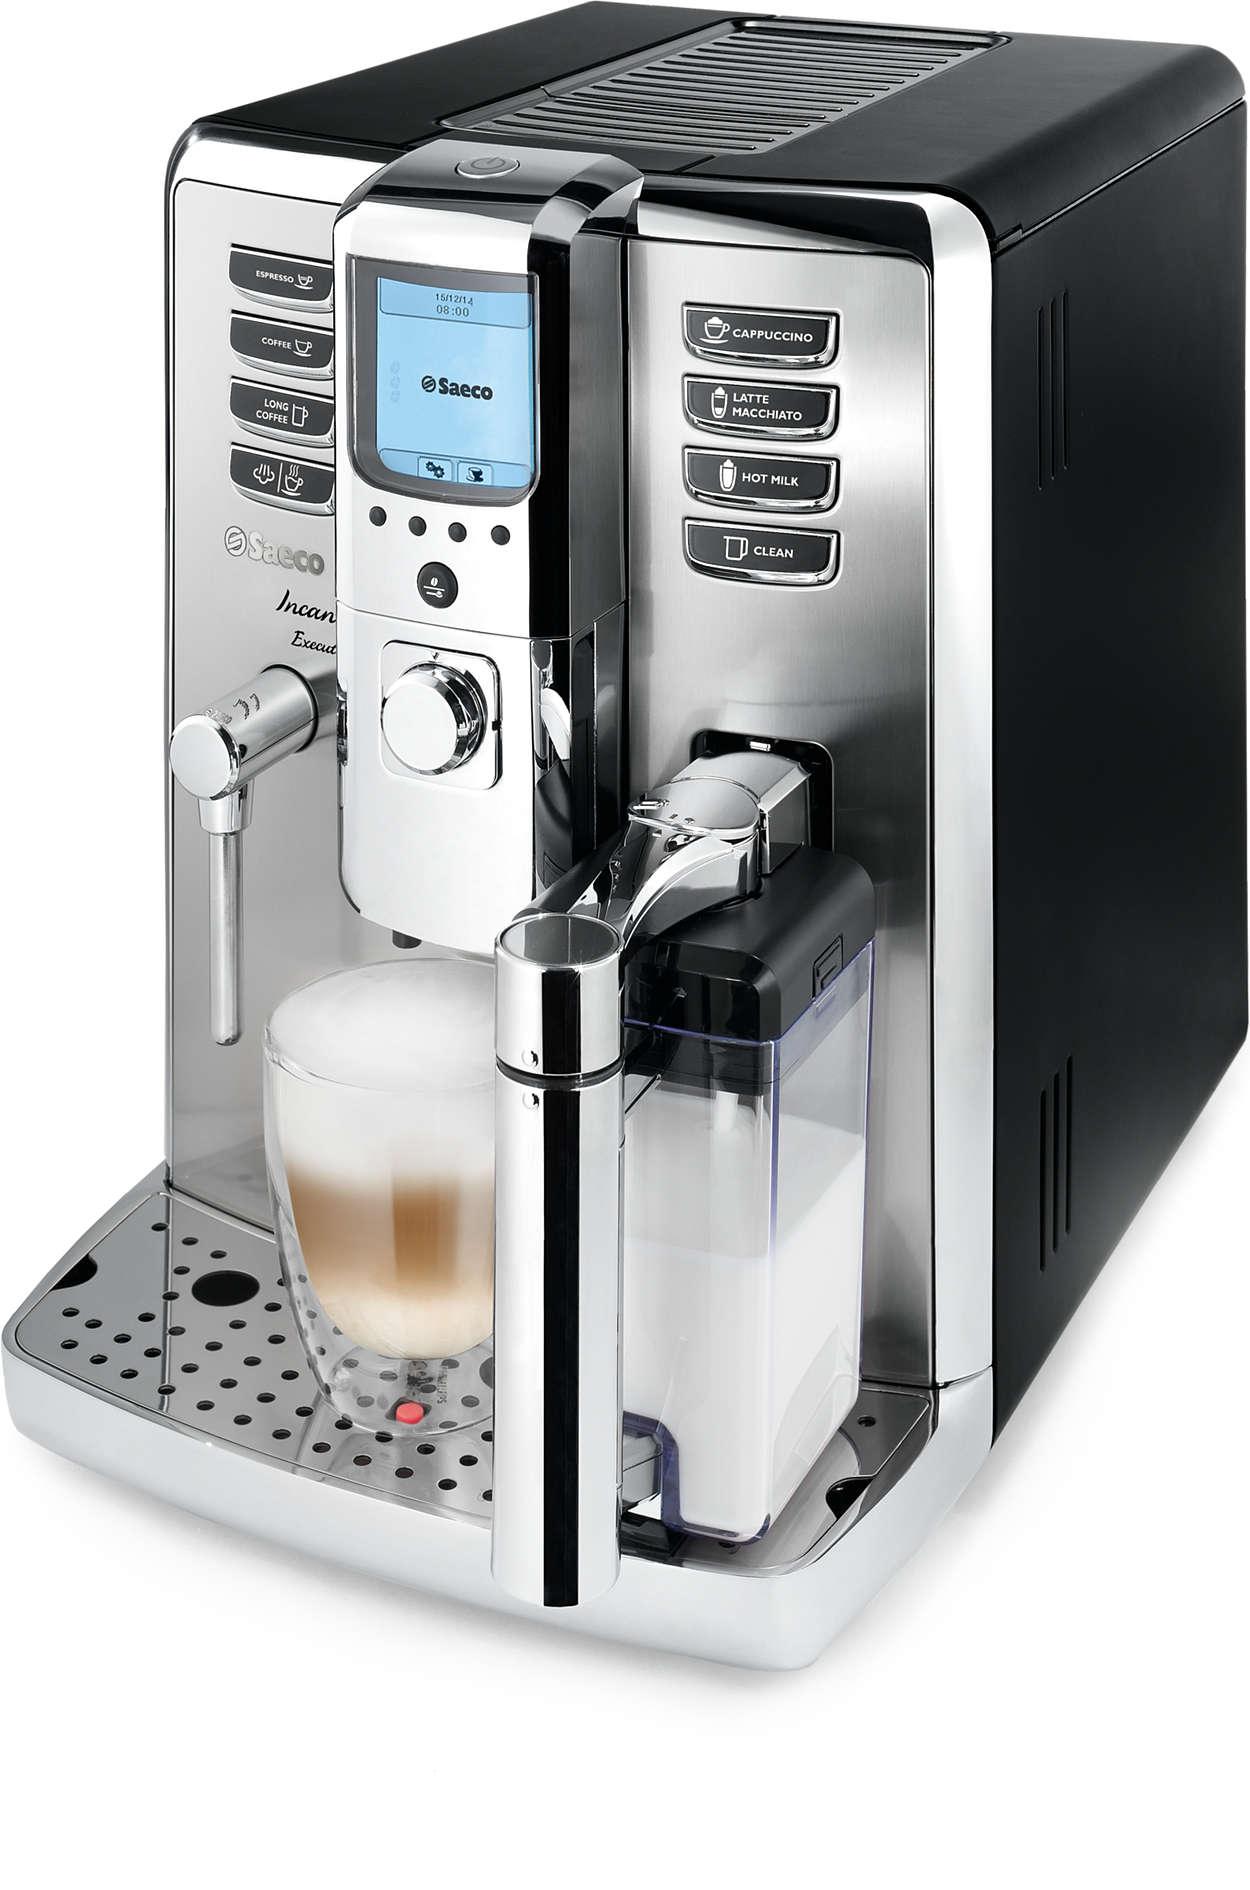 Un espresso de qualité professionnelle à la maison